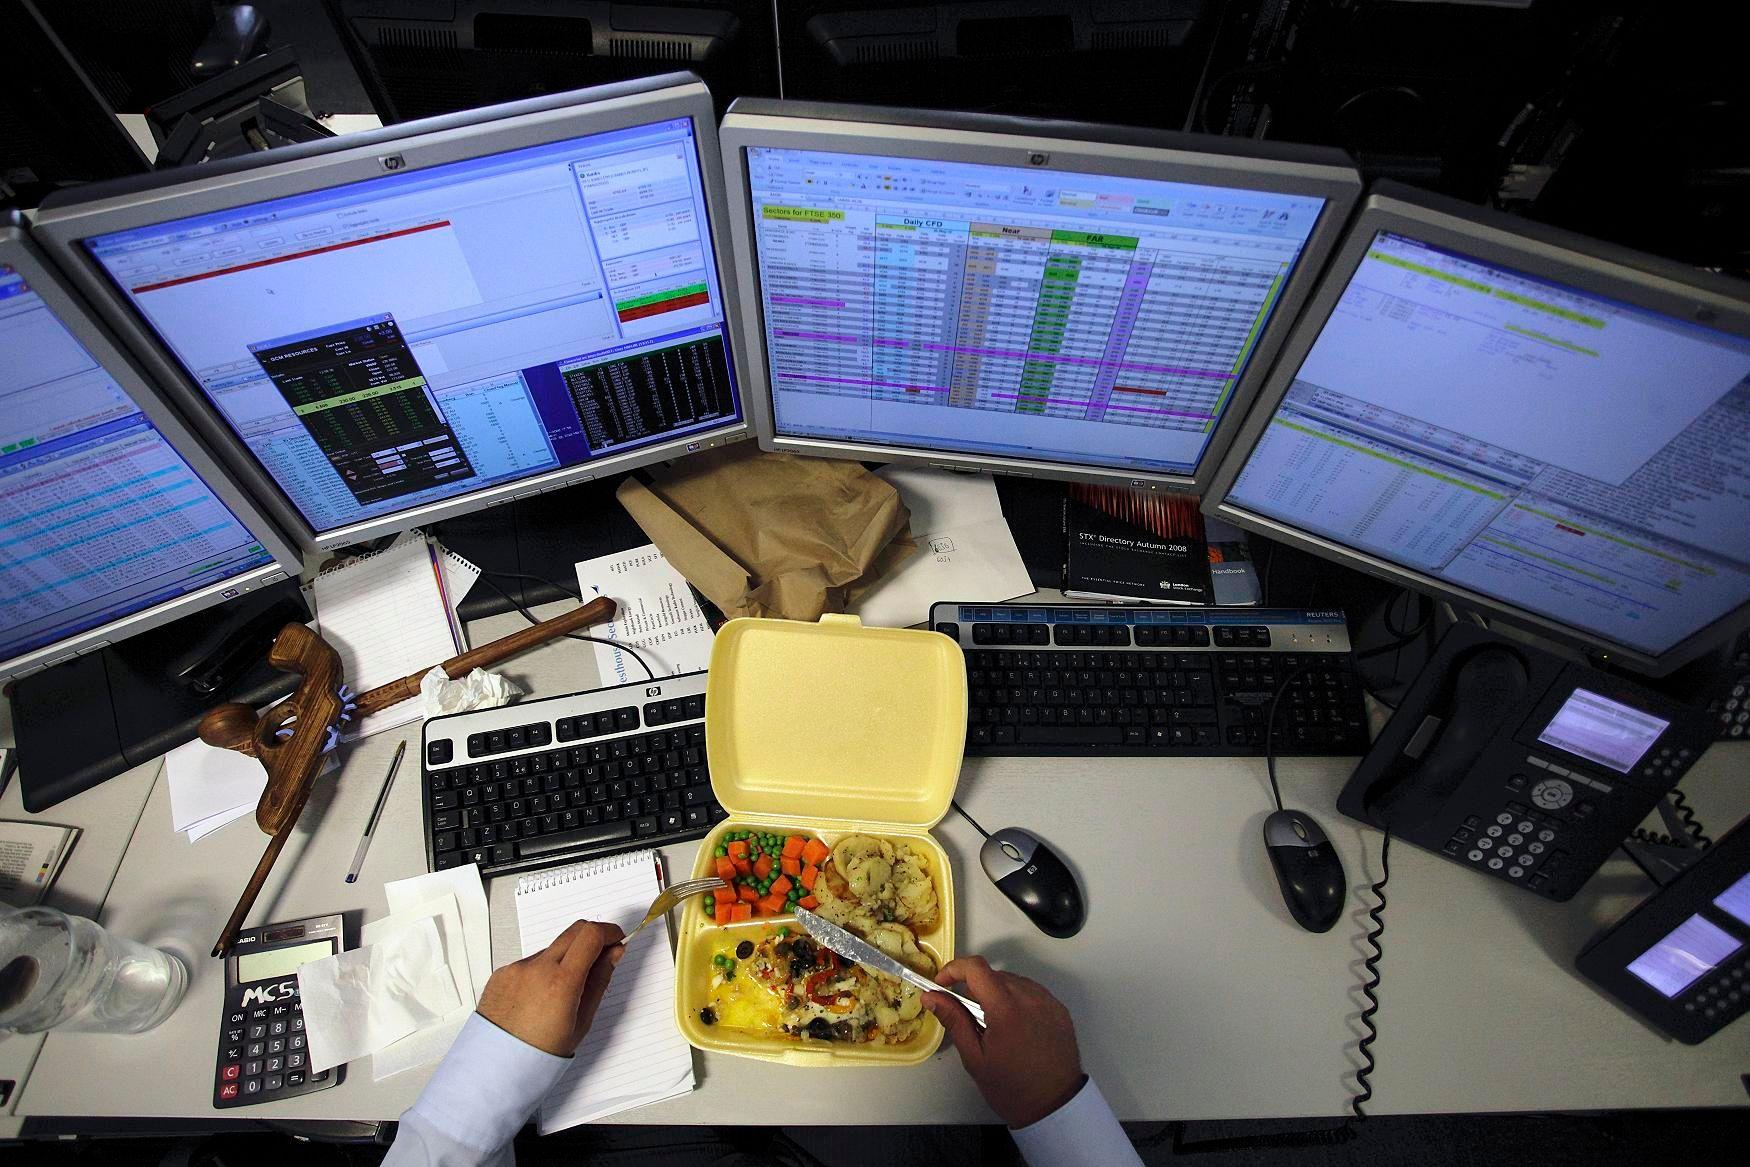 Déjeuner au bureau : avantages et inconvénients